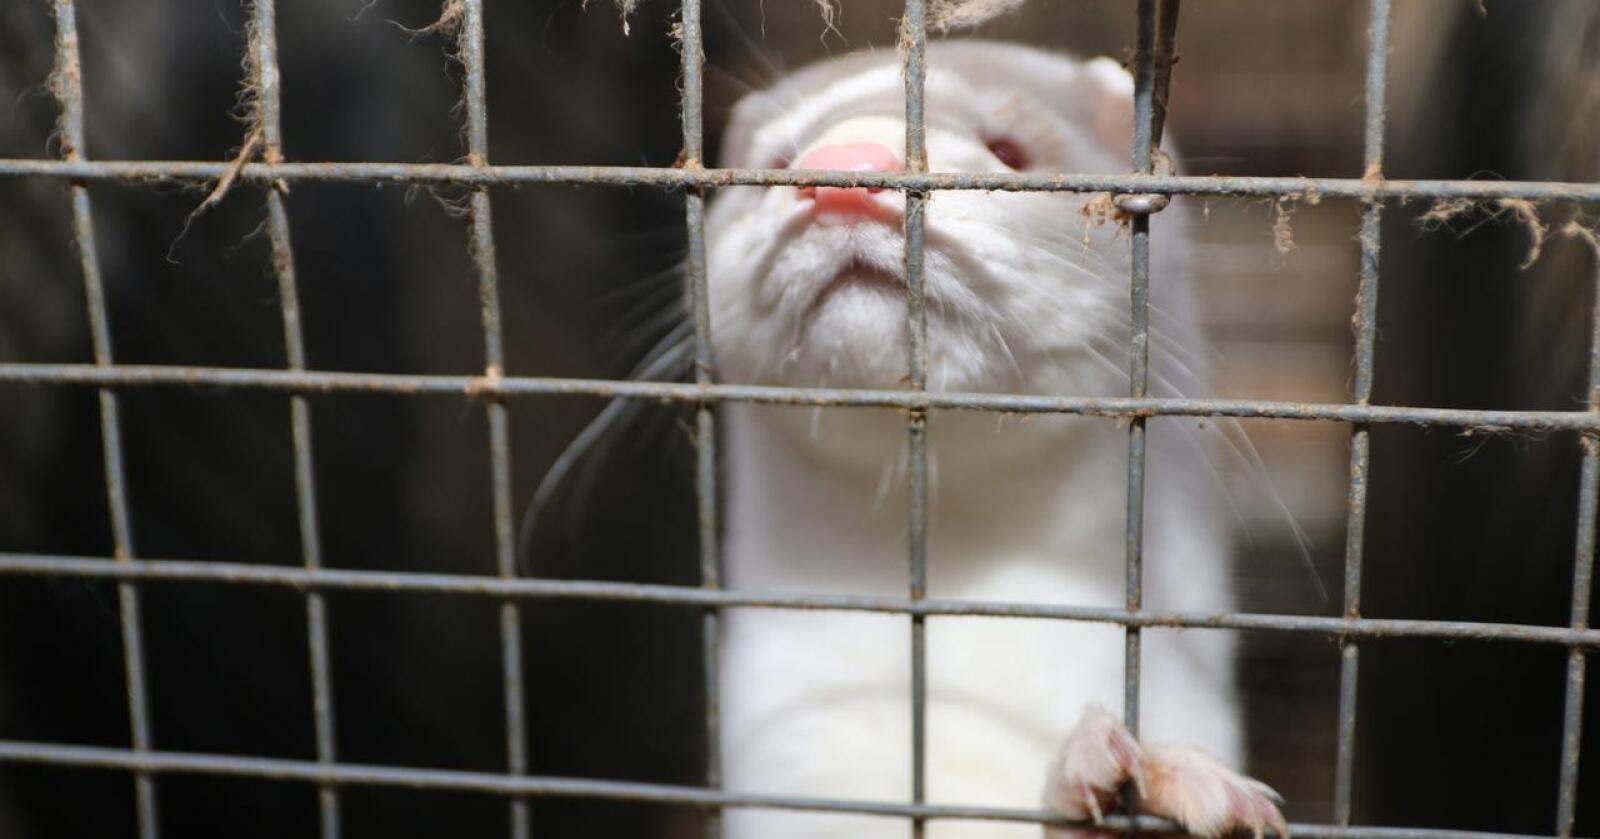 Fredag 15. januar inntrer loven som gjør det forbudt å ha mink i Danmark. Men noen få tusen minkdyr er fortsatt ikke avlivet. Bønder og forskere håper disse dyra kan bli med i et forskningsprosjekt om hvordan koronavaksinen virker på mink. Bildet er tatt i Norge. Illustrasjonsfoto: Bondebladet